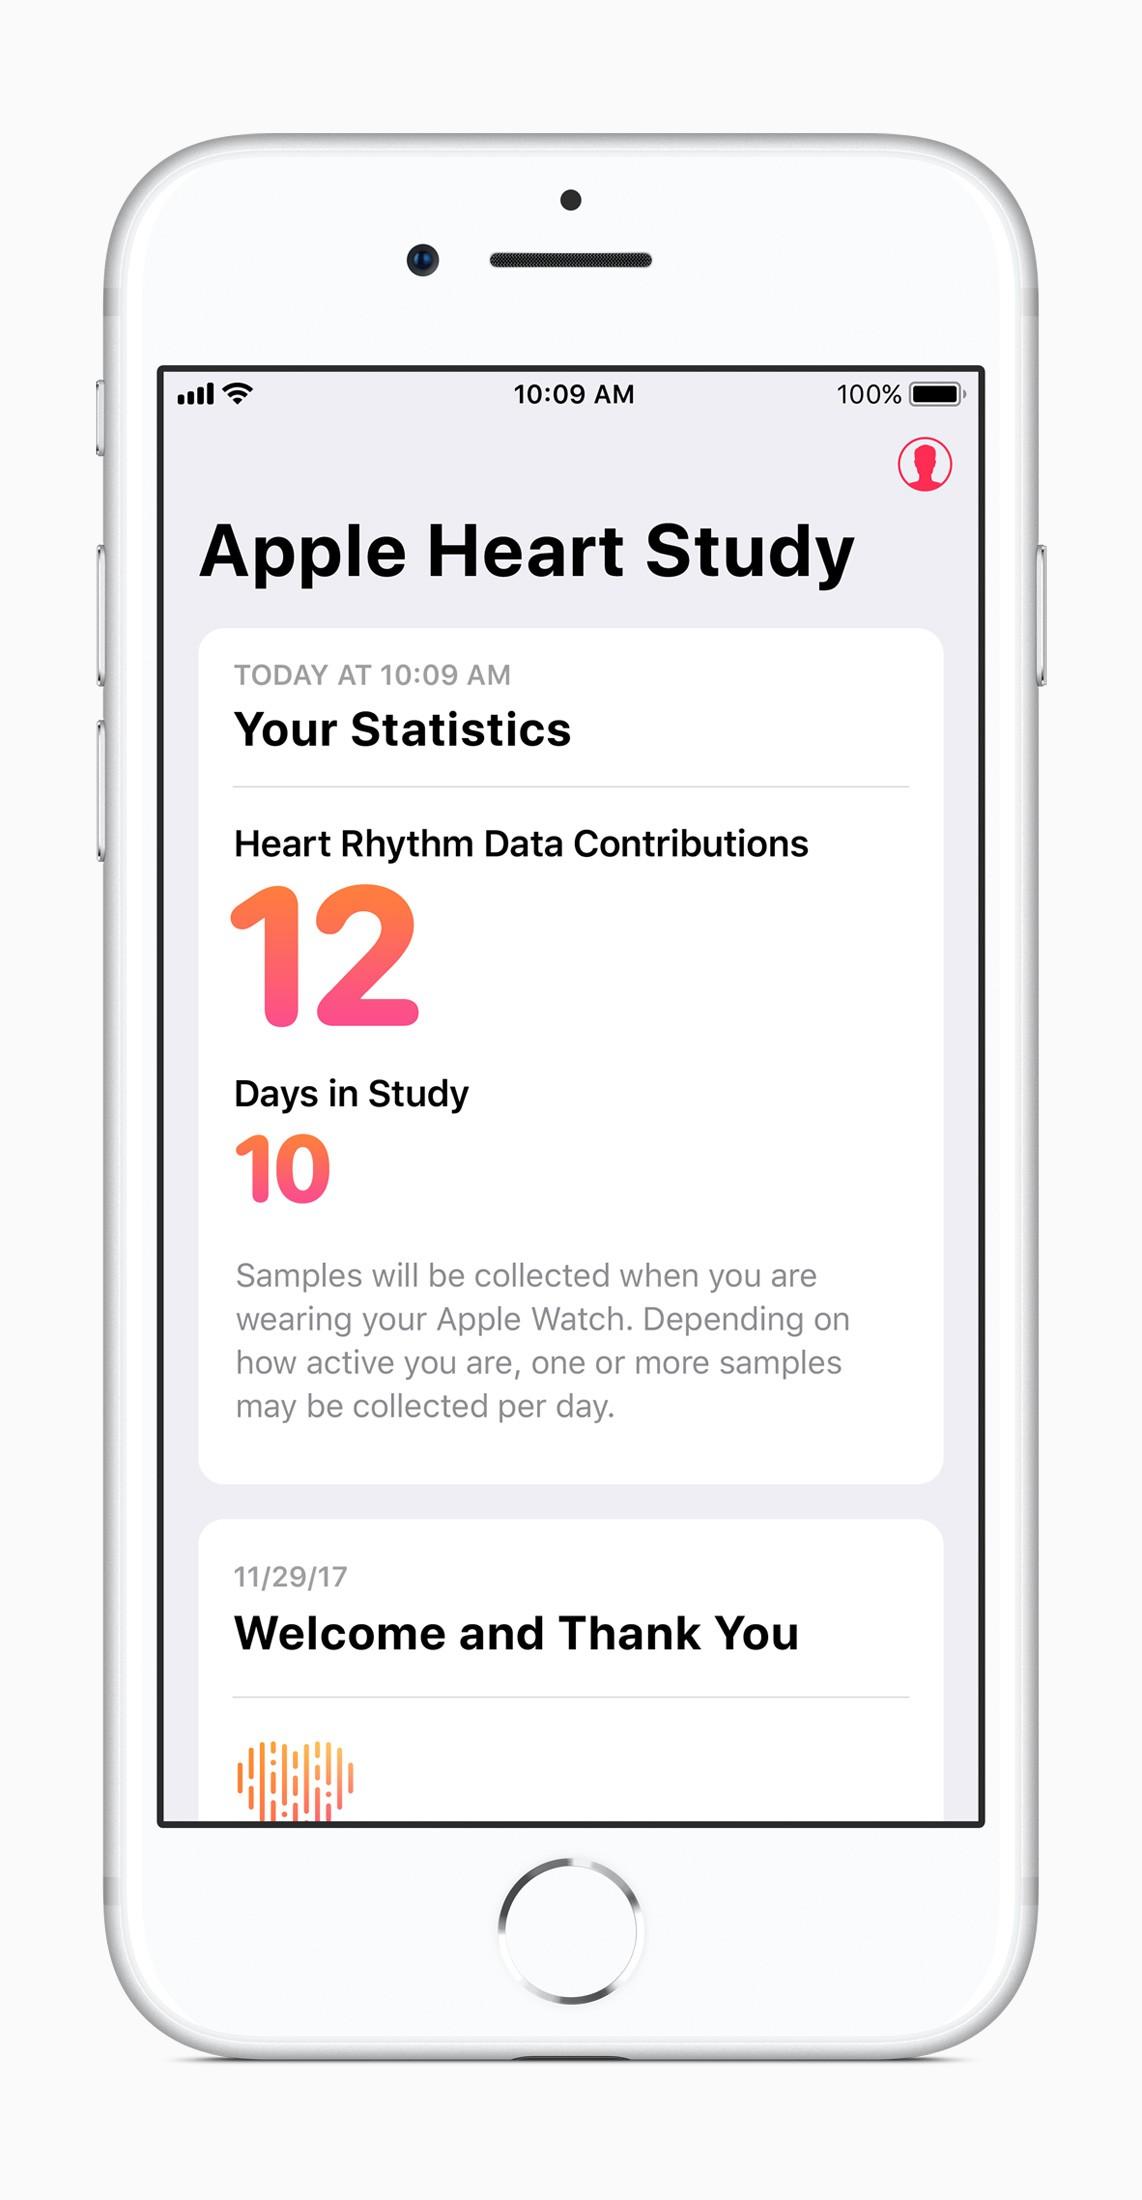 Apple Heart Study Ma Ratowa Ycie Za Pomoc Zegarka I